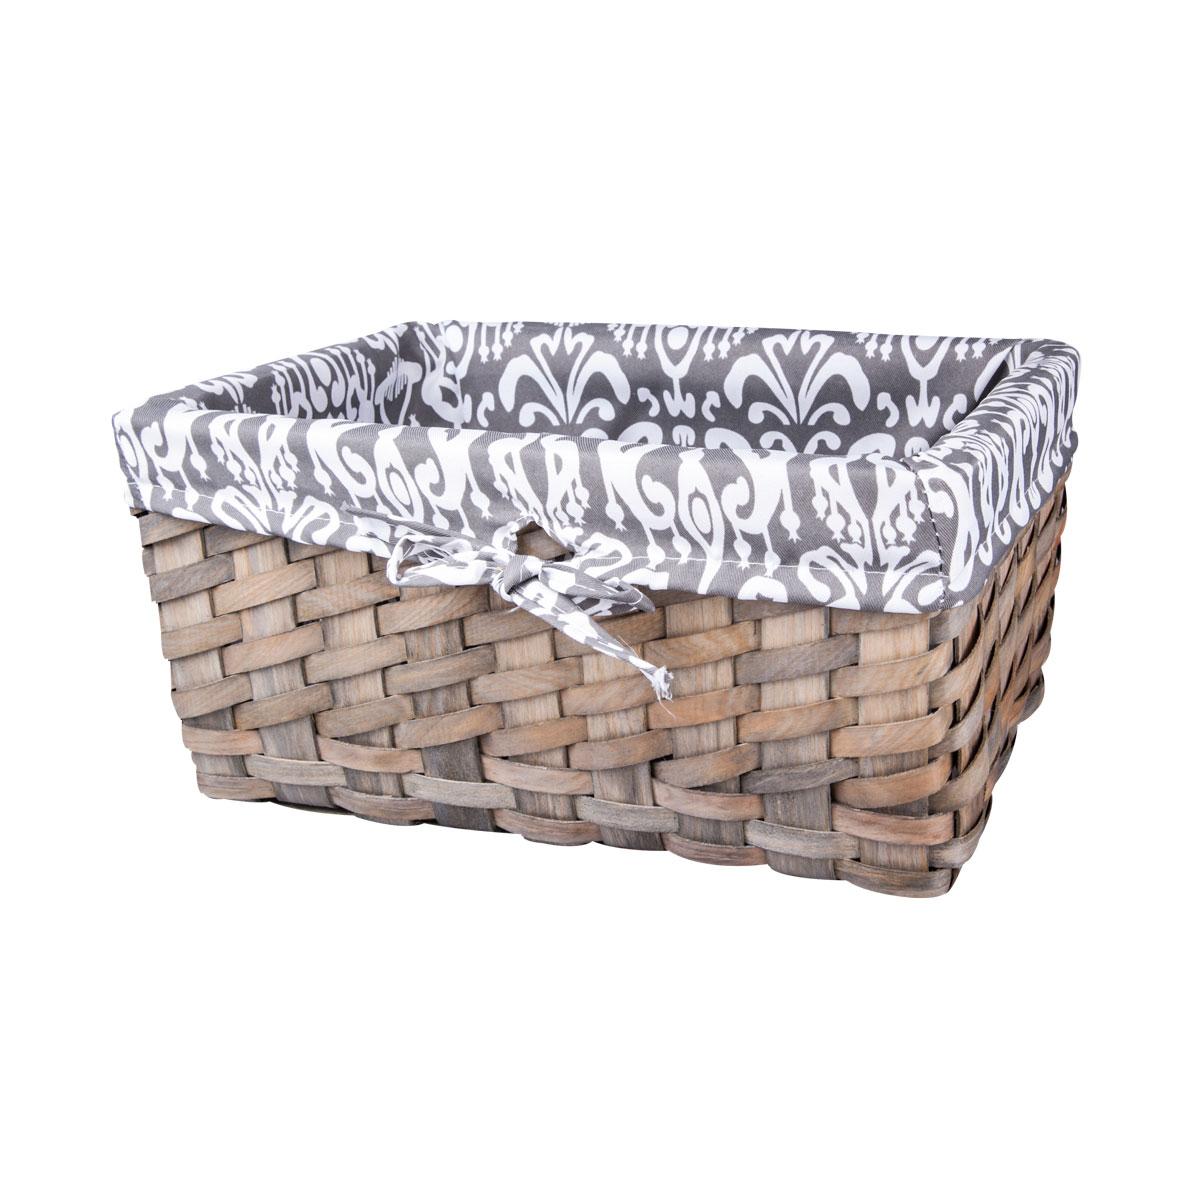 Корзина плетеная Miolla, 32 х 21 х 15 смPANTERA SPX-2RSЛучшее решение для хранения вещей - корзина для хранения Miolla. Экономьте полезное пространство своего дома, уберите ненужные вещи в удобную корзину и используйте ее для хранения дорогих сердцу вещей, которые нужно сберечь в целости и сохранности.Корзина изготовлена из дерева. Специальные отверстия на стенках создают идеальные условия для проветривания. Размер корзины: 32 х 21 х 15 см.